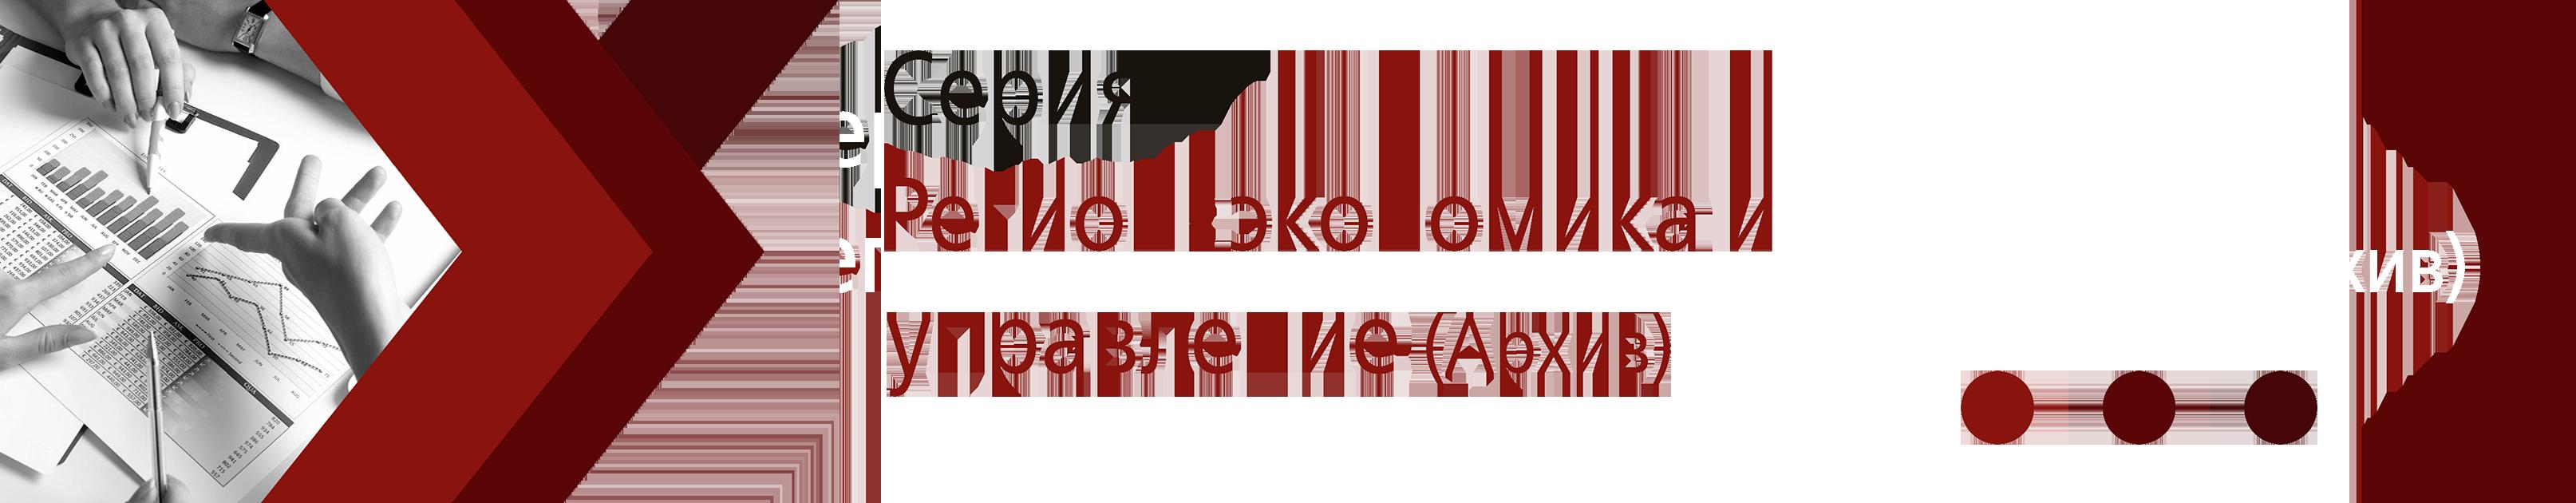 Серия Регион: экономика и управление